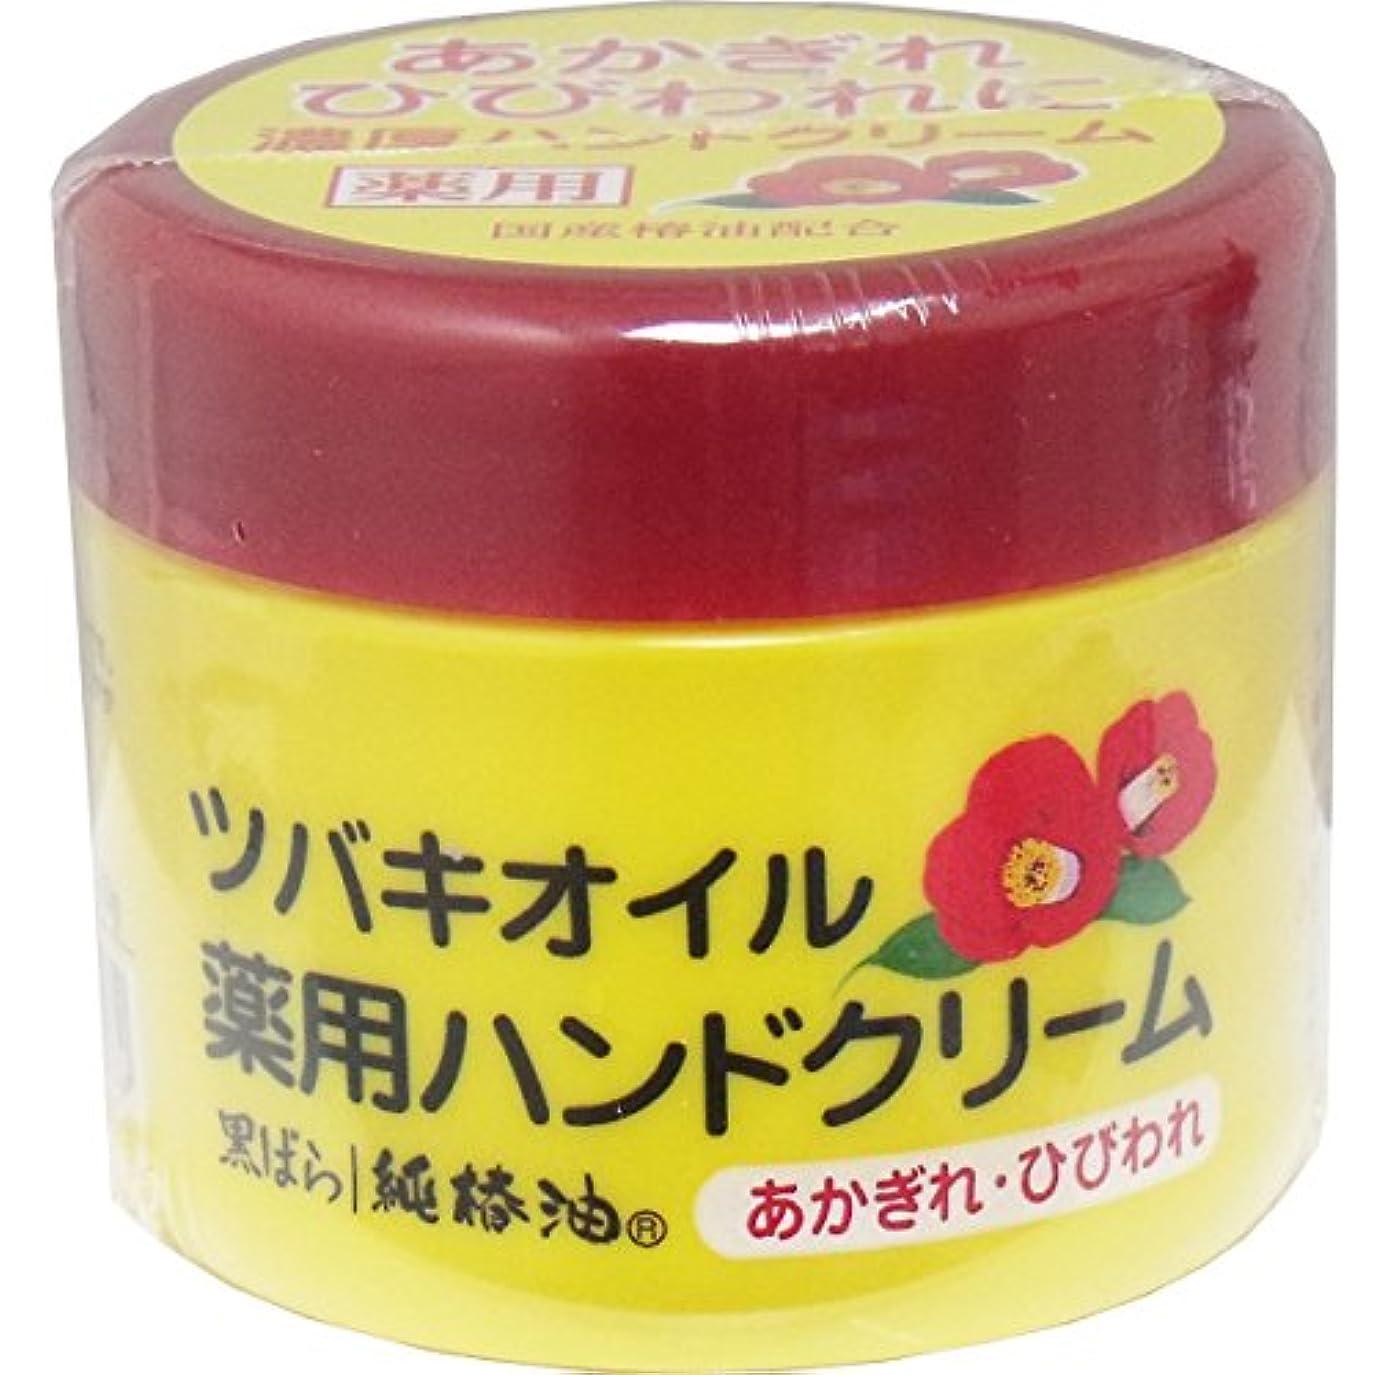 演劇確認してくださいピア【まとめ買い】ツバキオイル 薬用ハンドクリーム ×2セット